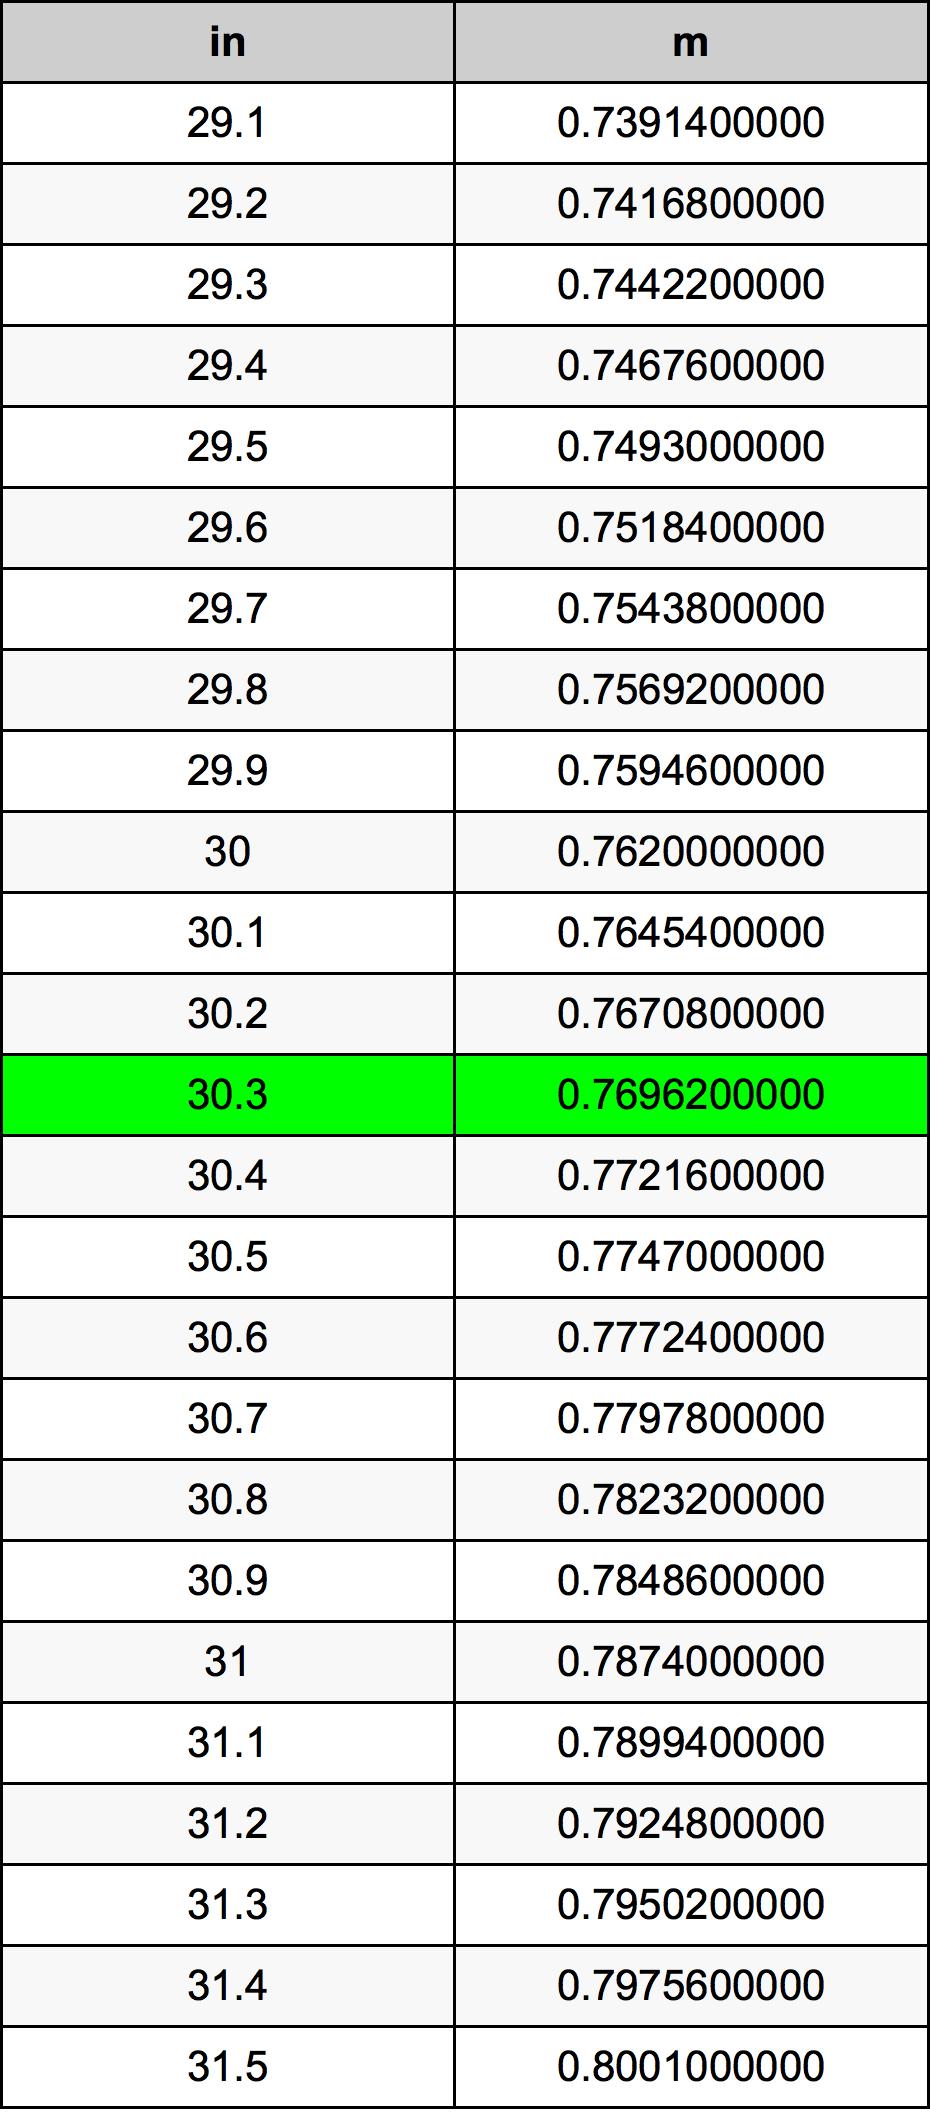 30.3 Tomme omregningstabel